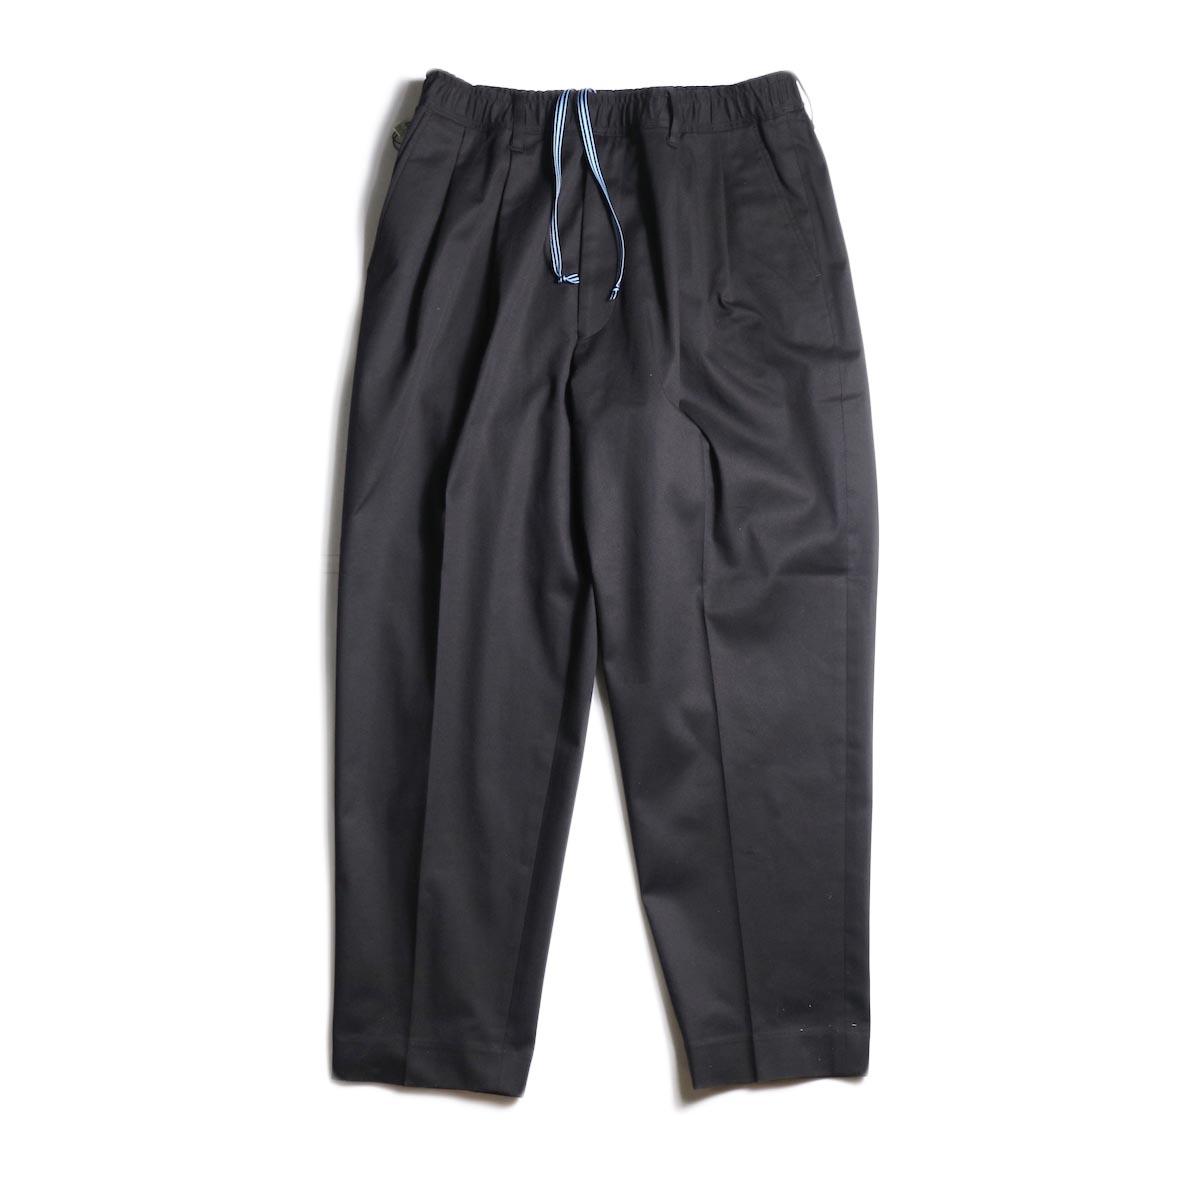 N.HOOLYWOOD / 1201-PT12-058 Taperede Easy Pants (Black)